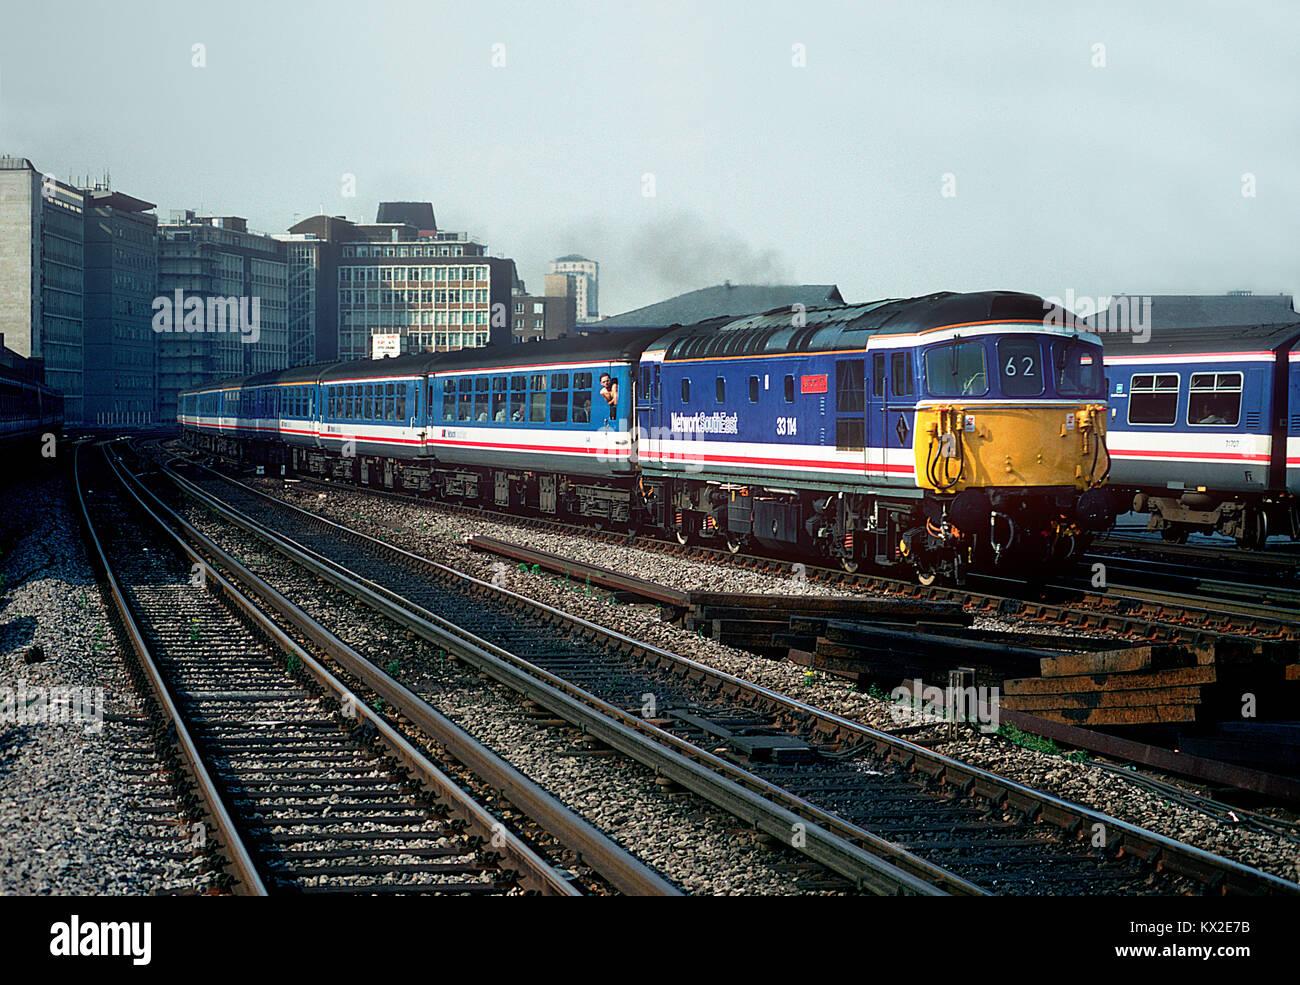 En mai 1992 33114 a été repeint en couleurs du sud-est du réseau et appelé 'Ashford 150'. La célébrité Crompton est vu travailler un réseau 'Express' service à Vauxhall. 29 juillet 1992. Banque D'Images